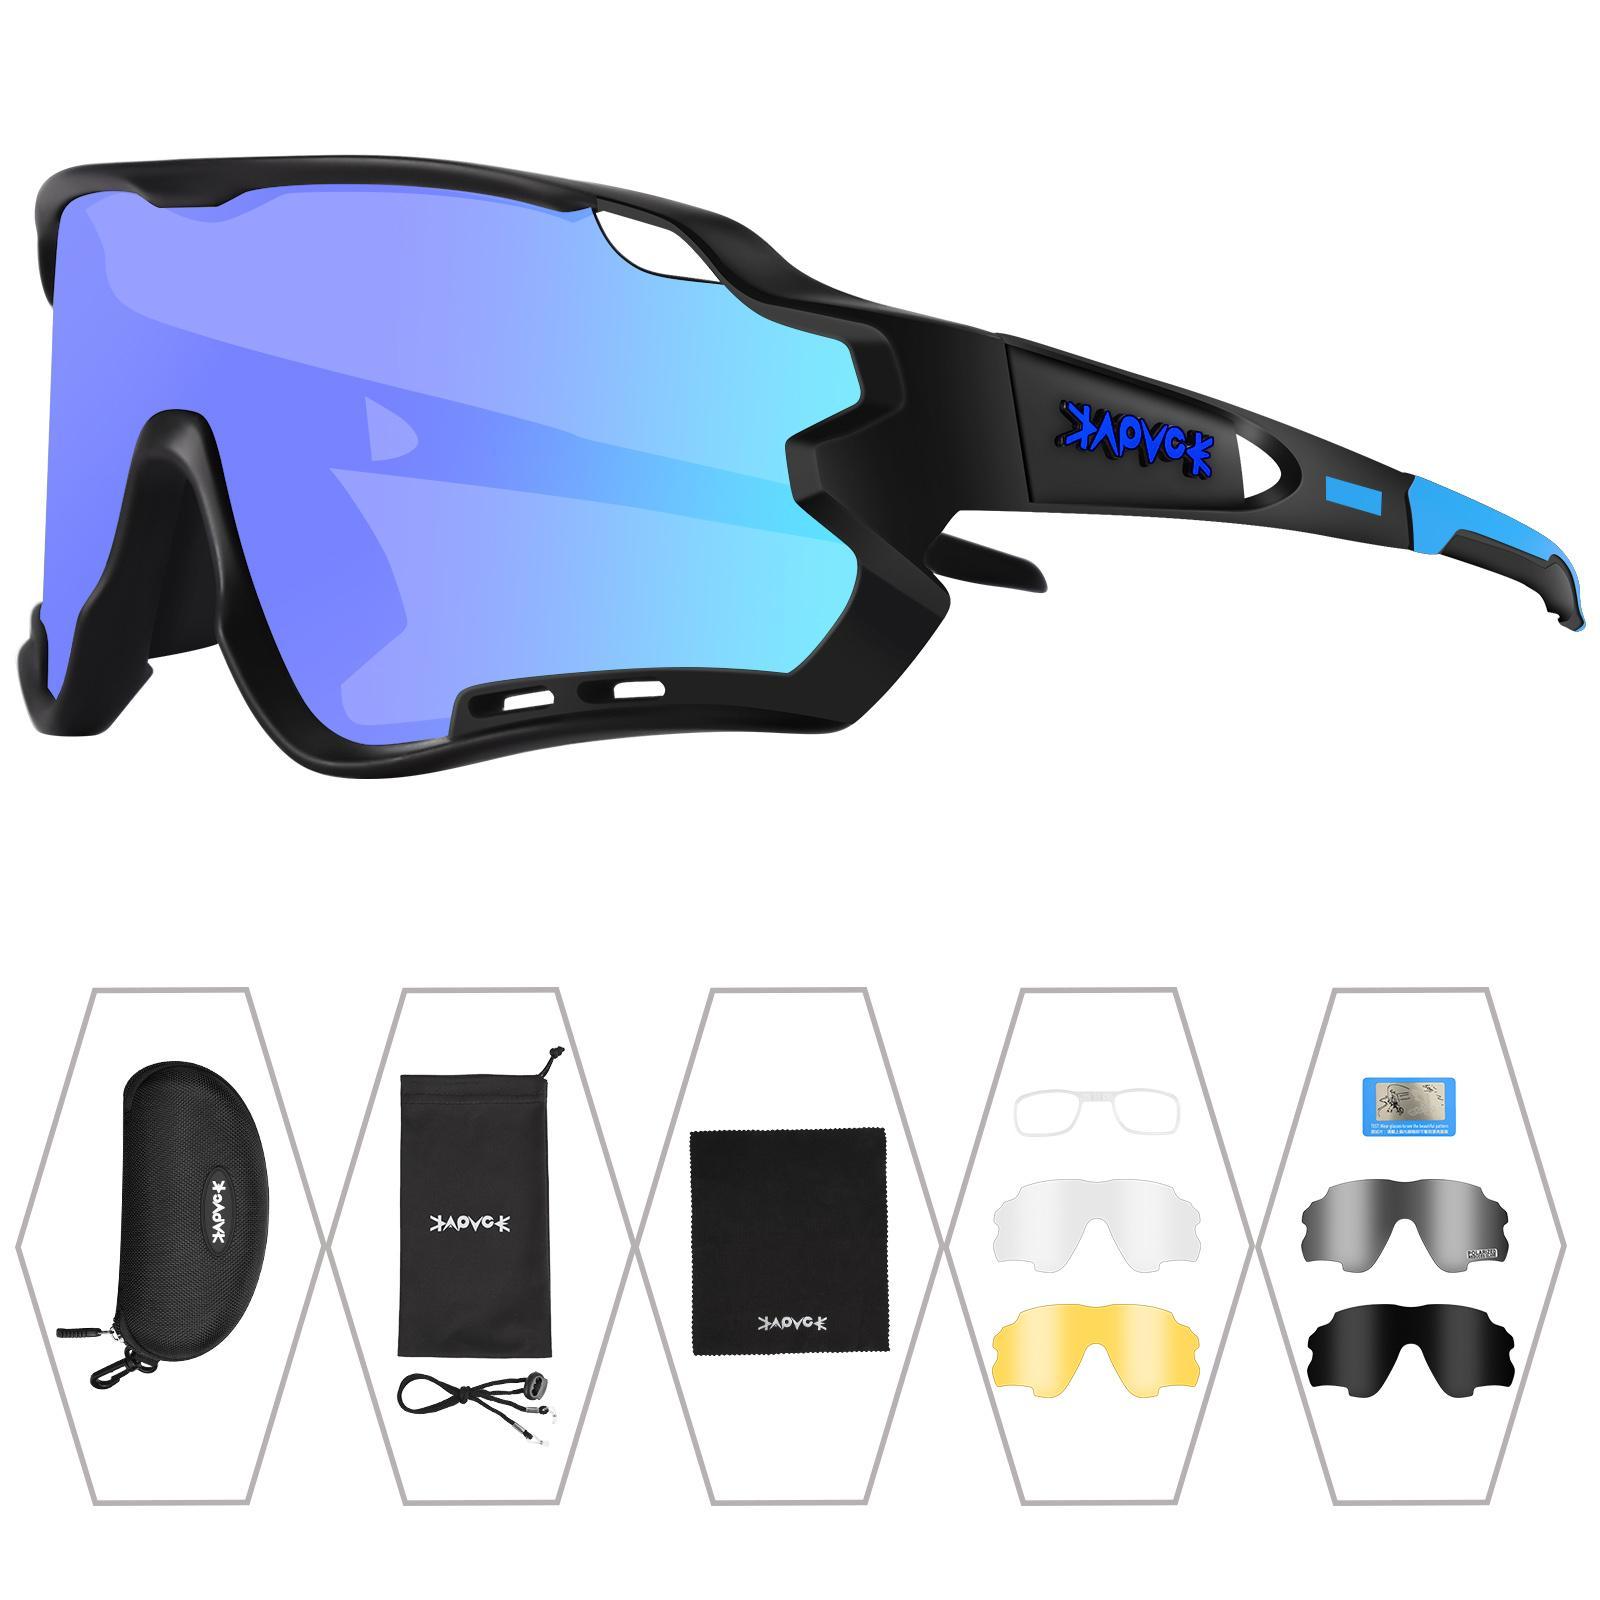 브랜드 photochromic 사이클링 선글라스 UV 보호 편광 된 자전거 안경 스포츠 고글 안경 남성 여성 Wielrenbril